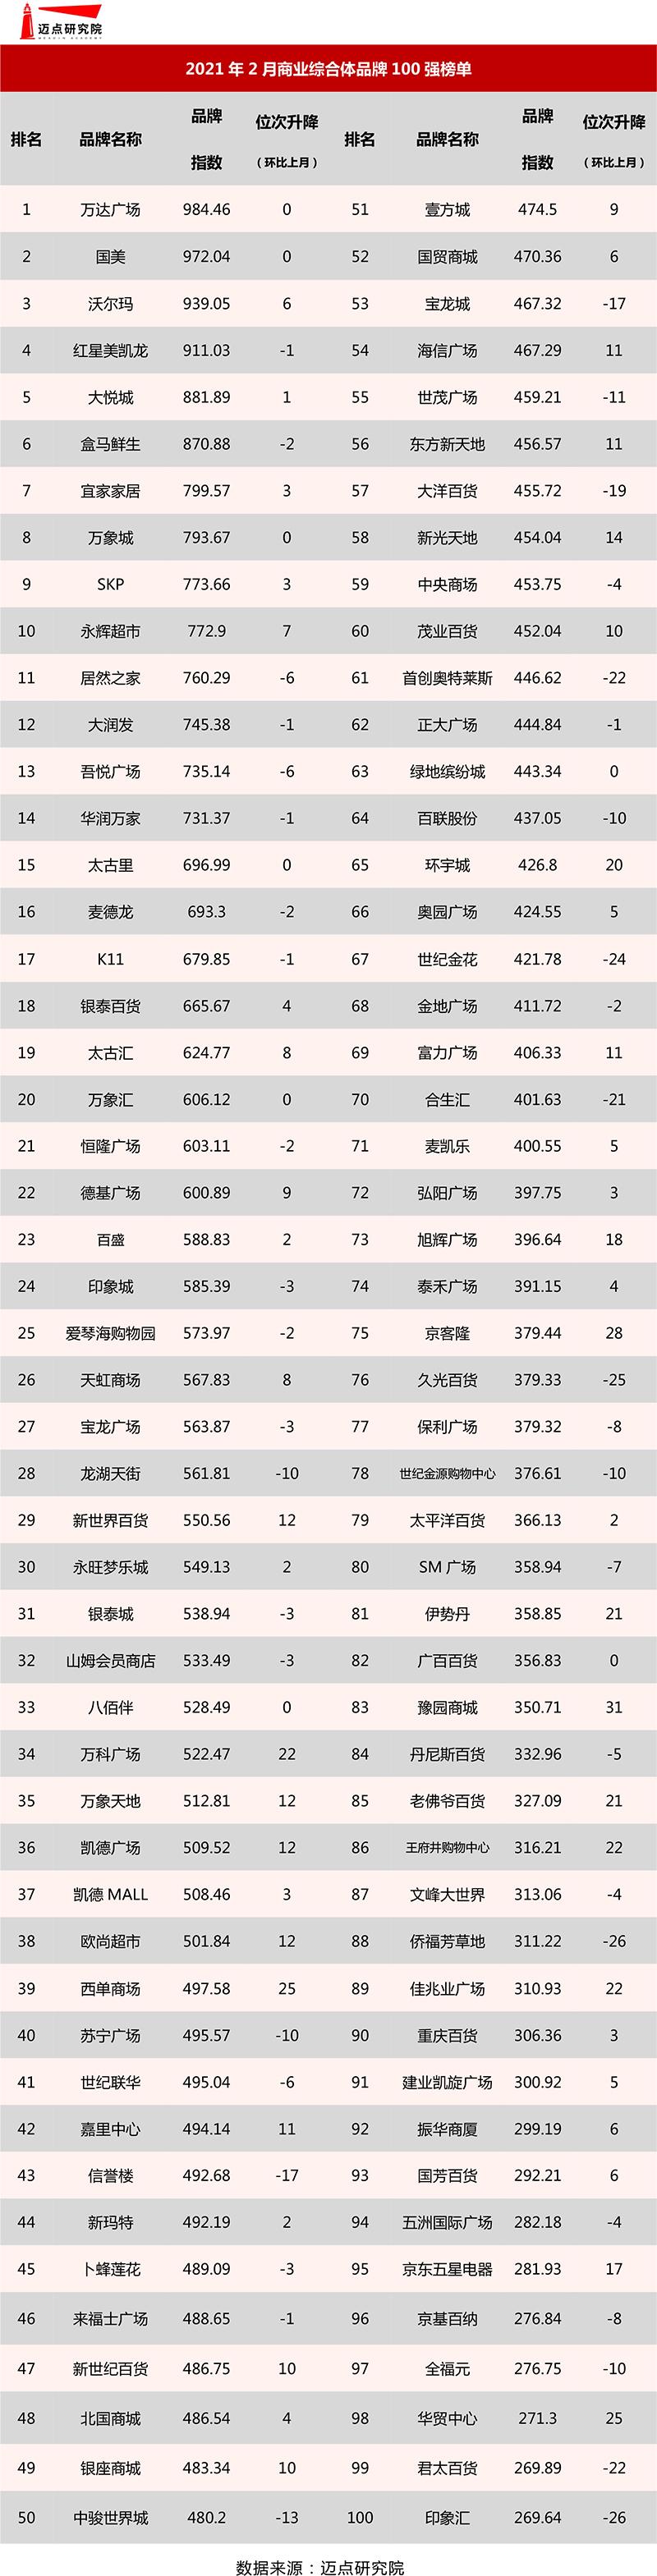 2021年2月商业综合体品牌100强榜单.jpg